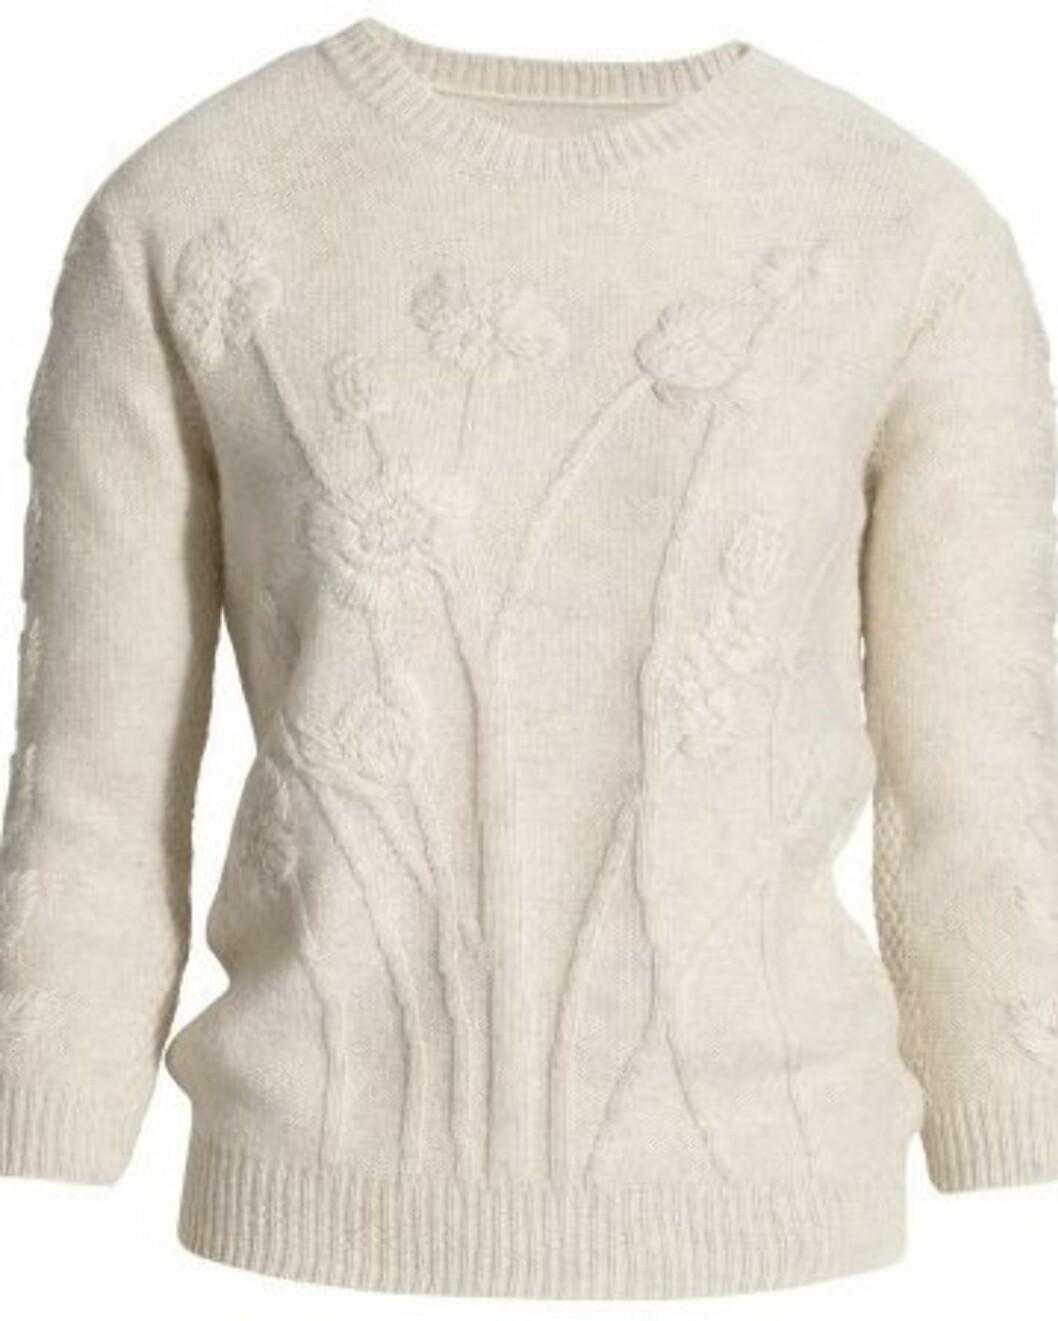 Nydelig hvit genser med broderte blomster (kr 350, H&M).